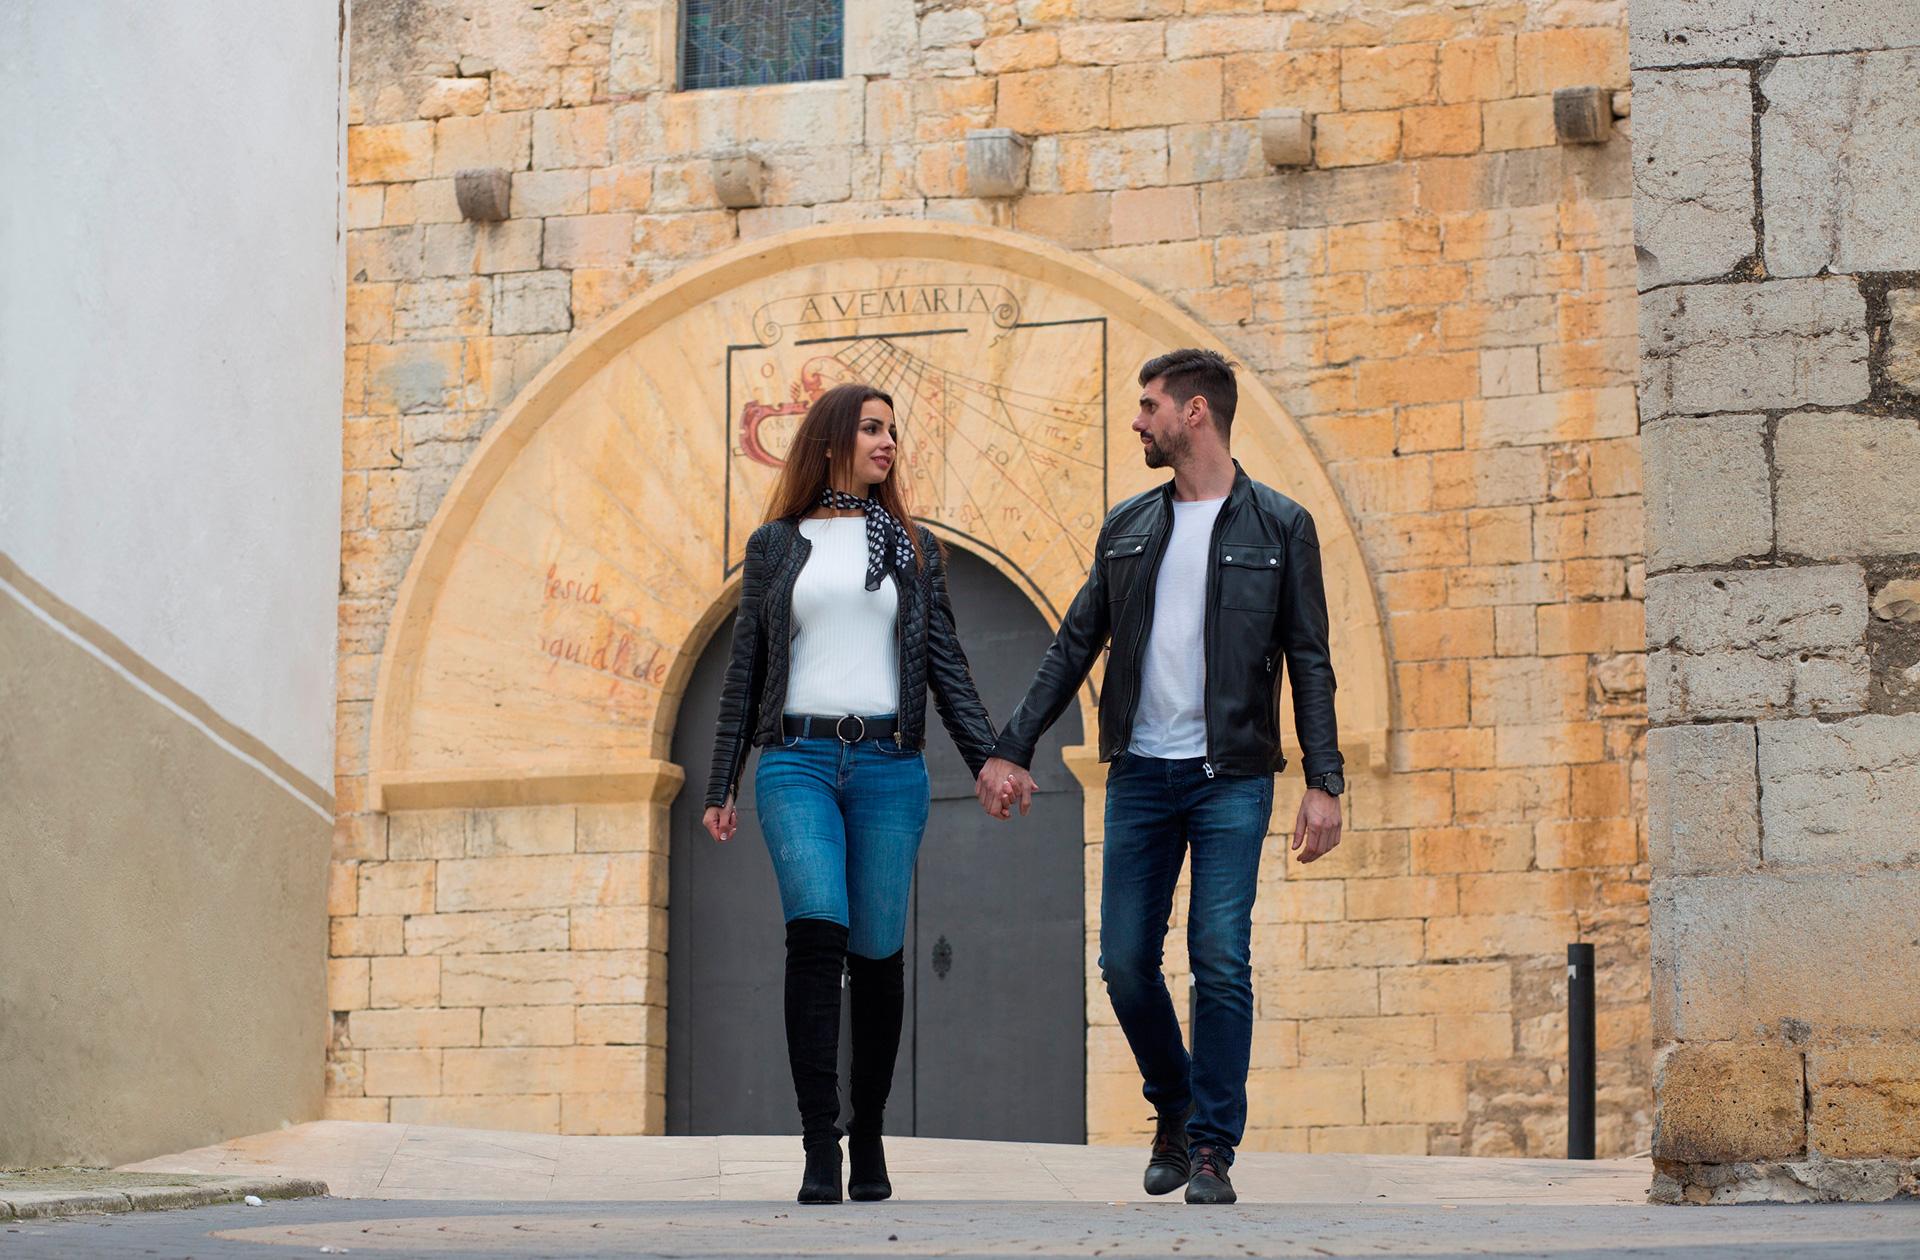 Casco hist rico de cat turismo interior de castell n for Turismo interior castellon